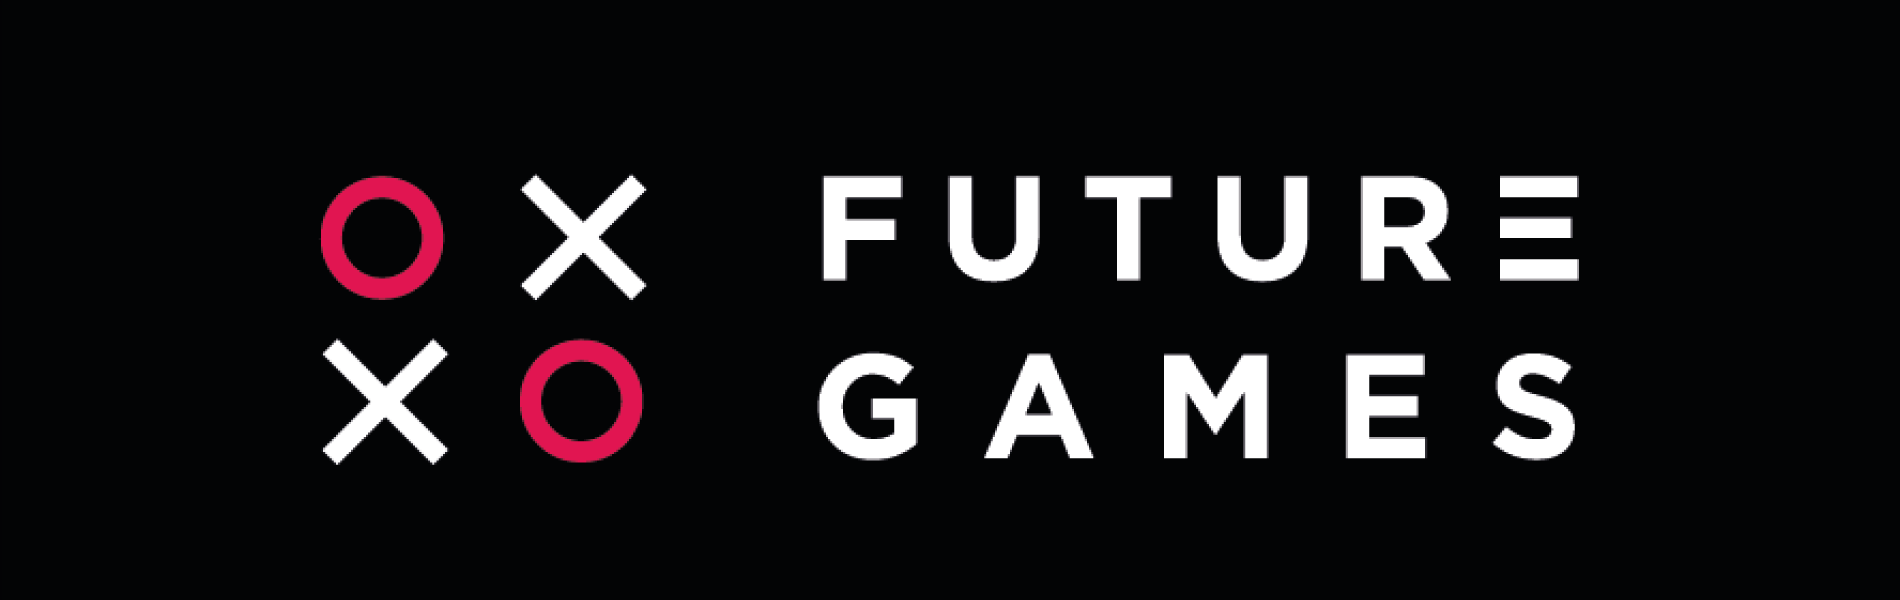 FutureGames i vitt mot svart bakgrund